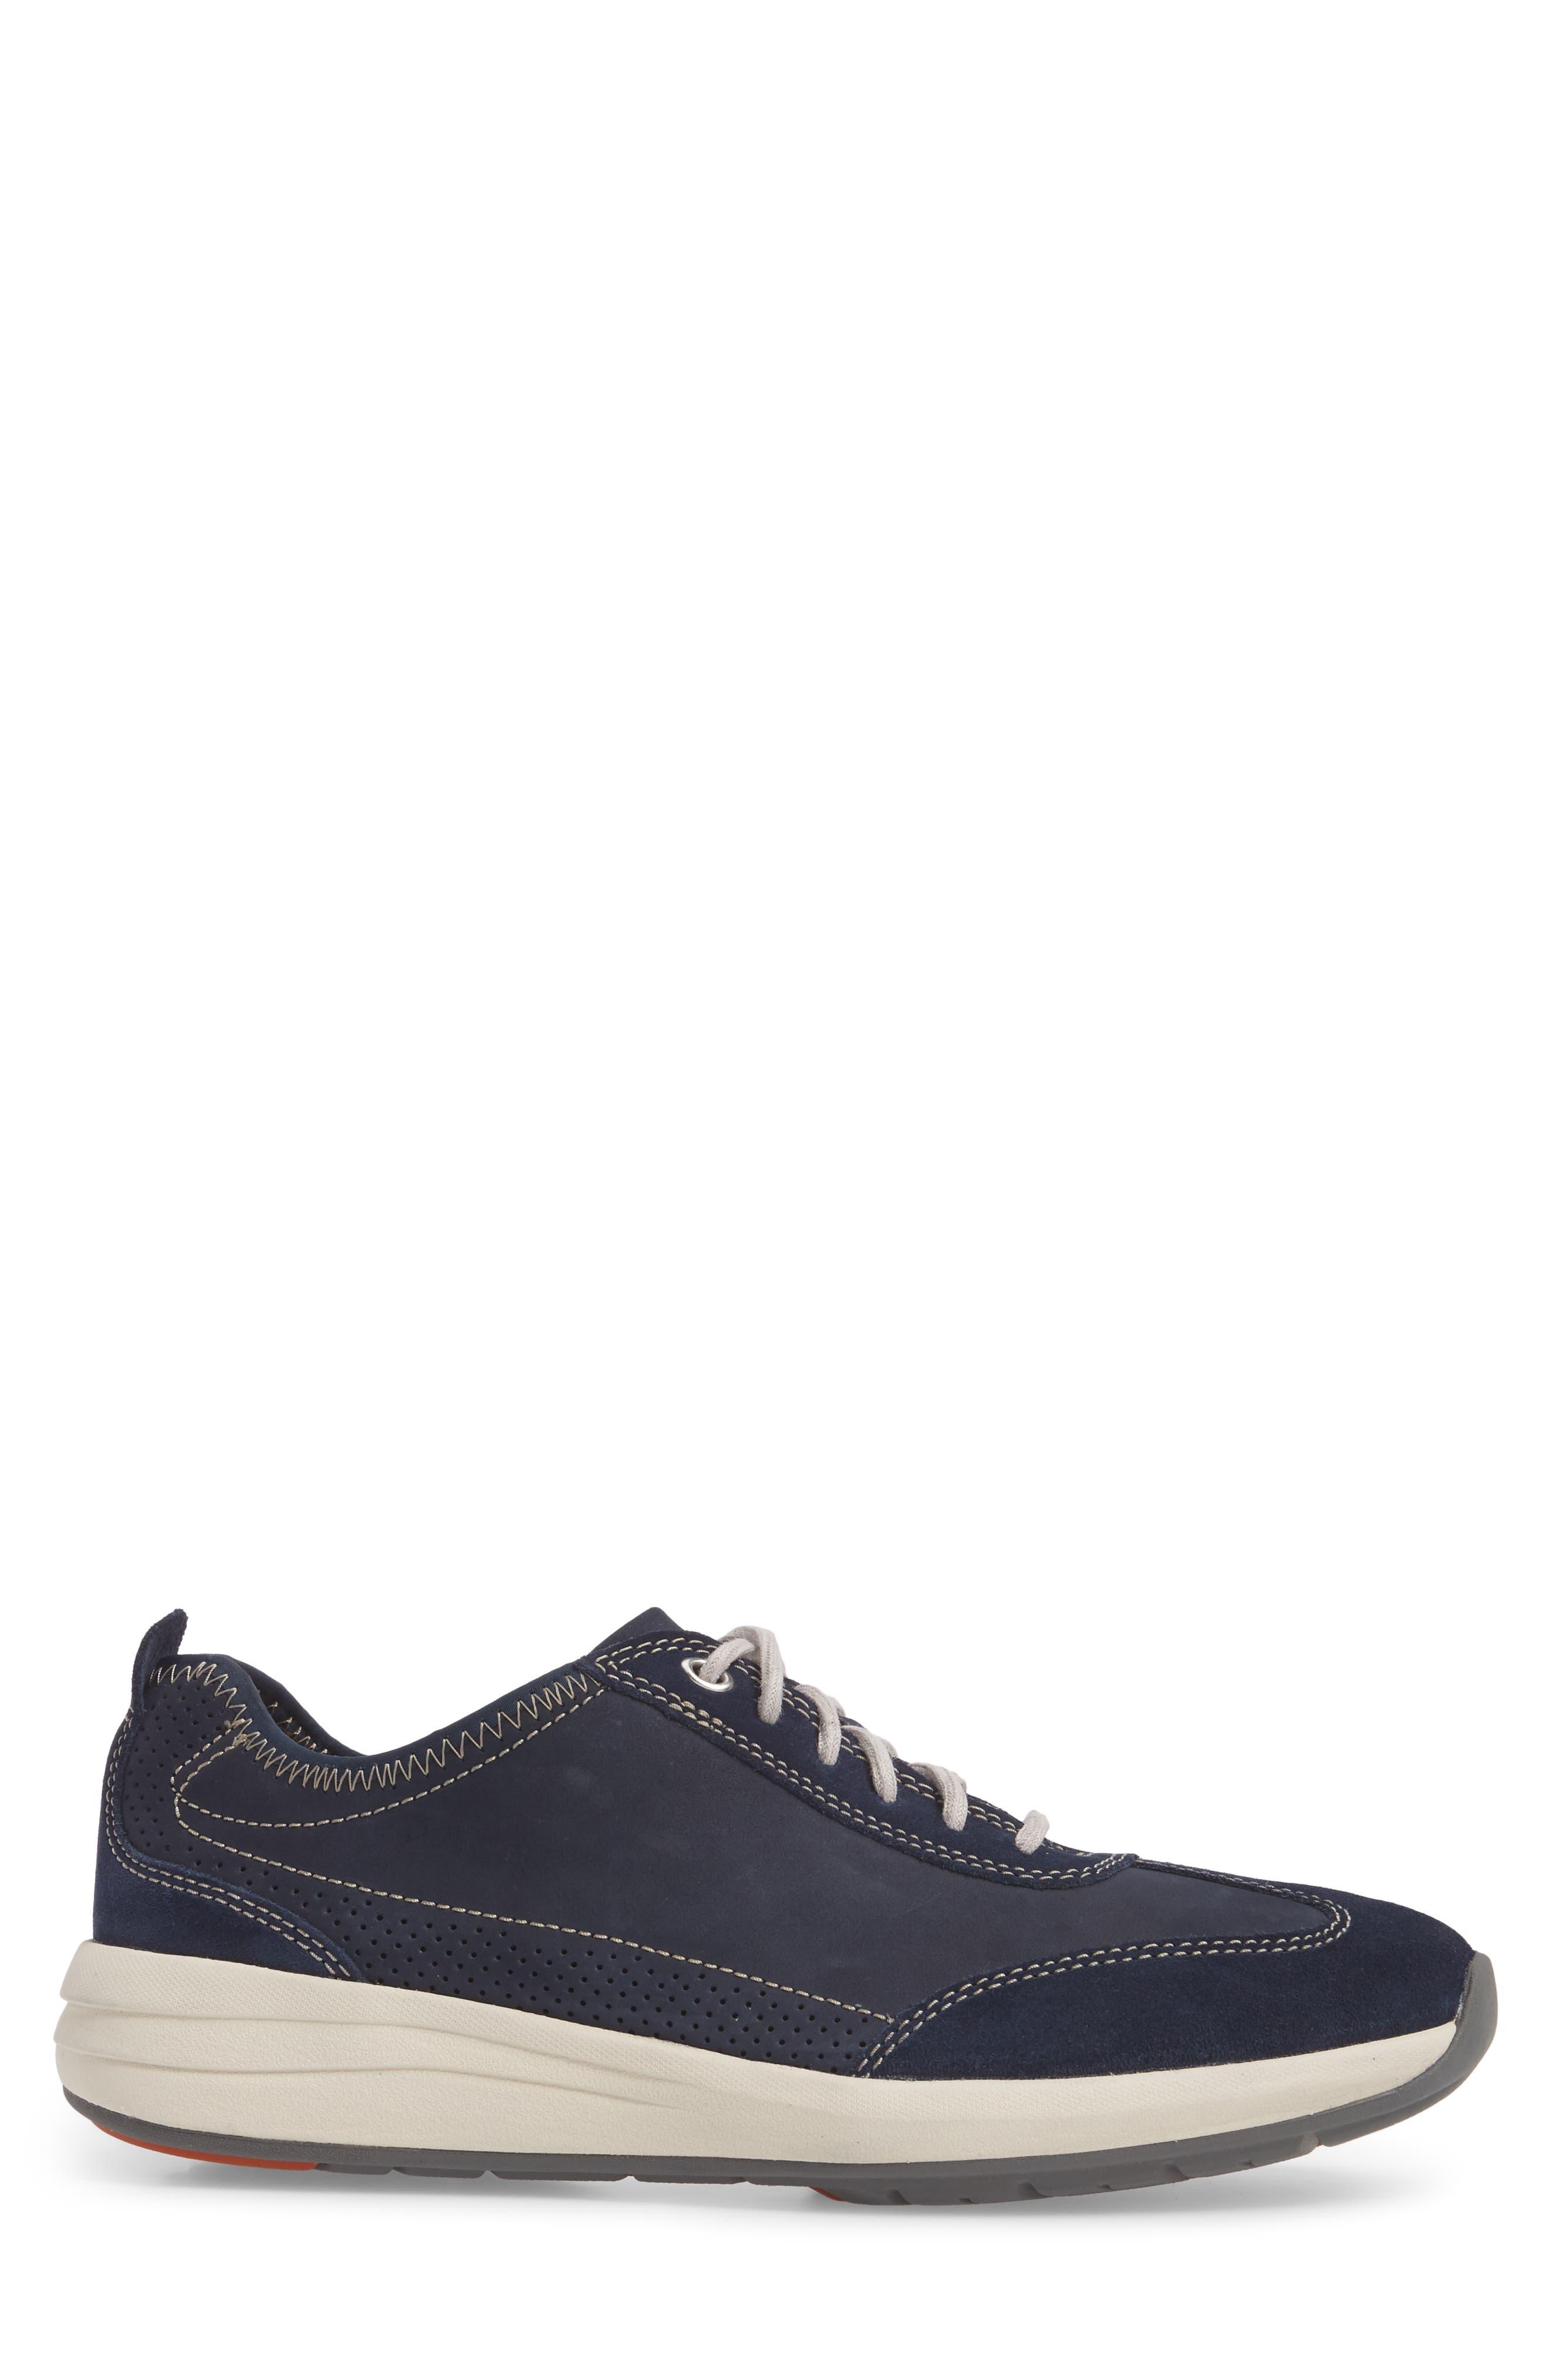 Clarks<sup>®</sup> Un Coast Low Top Sneaker,                             Alternate thumbnail 6, color,